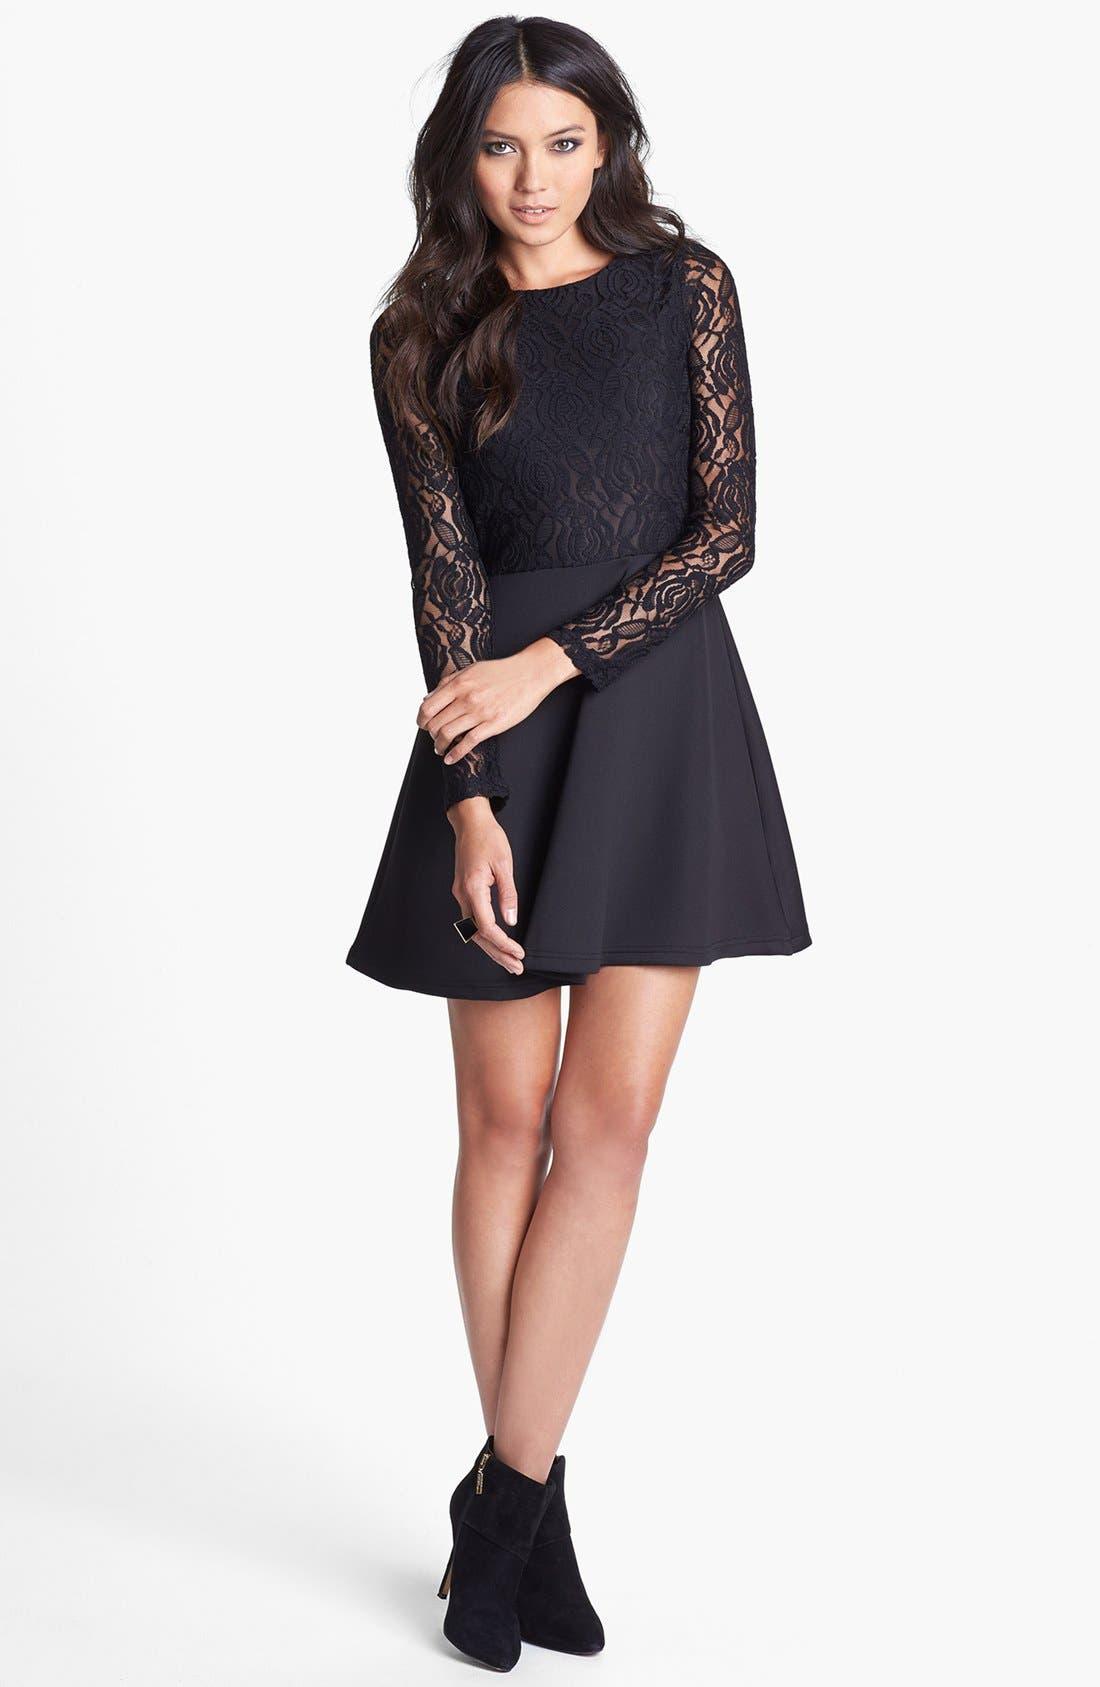 Main Image - Glamorous Lace Bodice Open Back Skater Dress